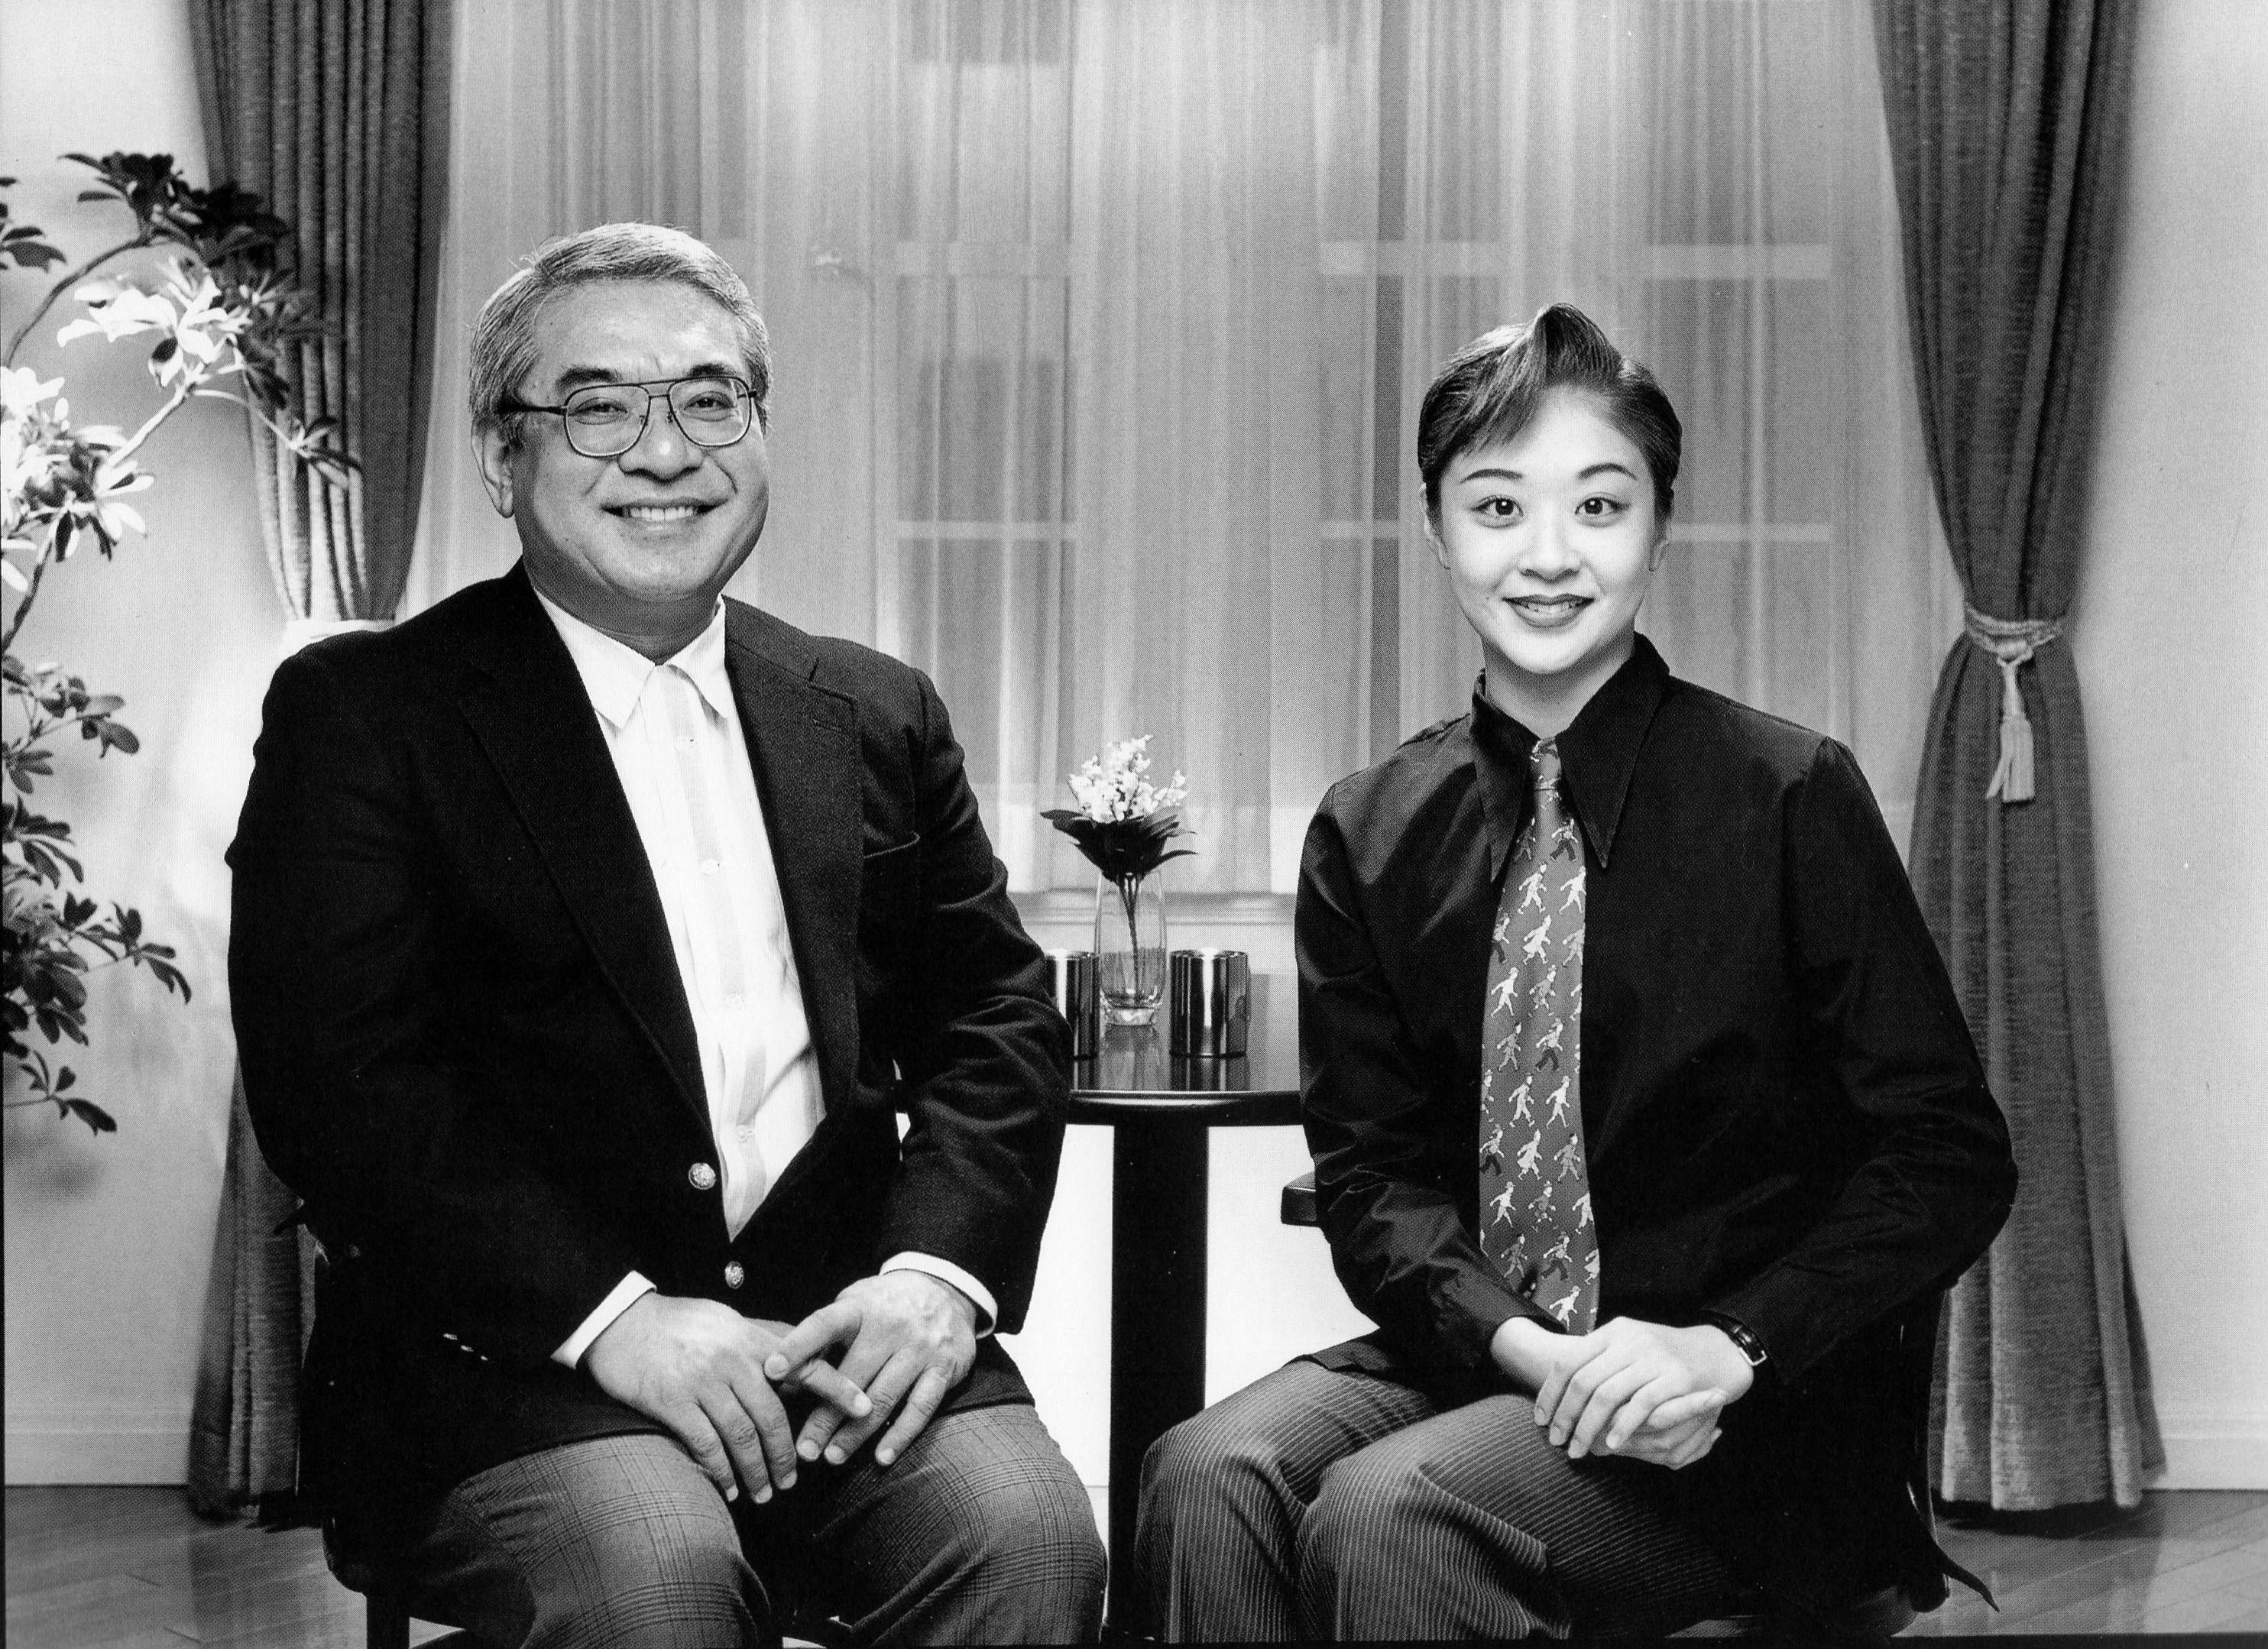 羽田健太郎と長女・吹雪あゆ(撮影時宝塚・星組)1996年立木義浩写真集「親と子の情景」より